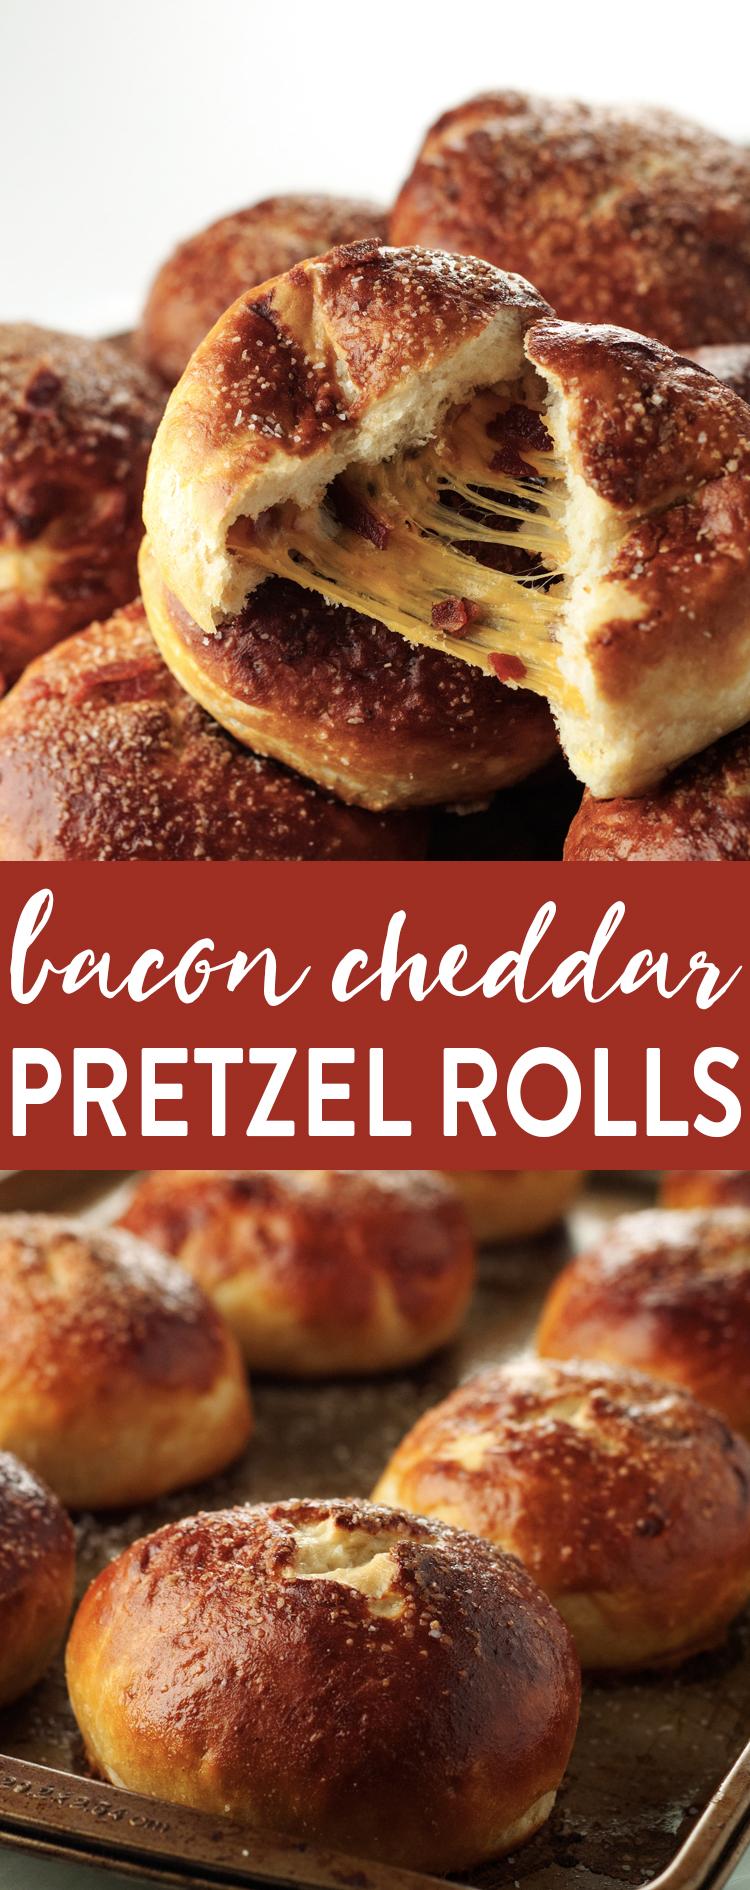 Bacon-Cheddar-Preztel-Rolls-7